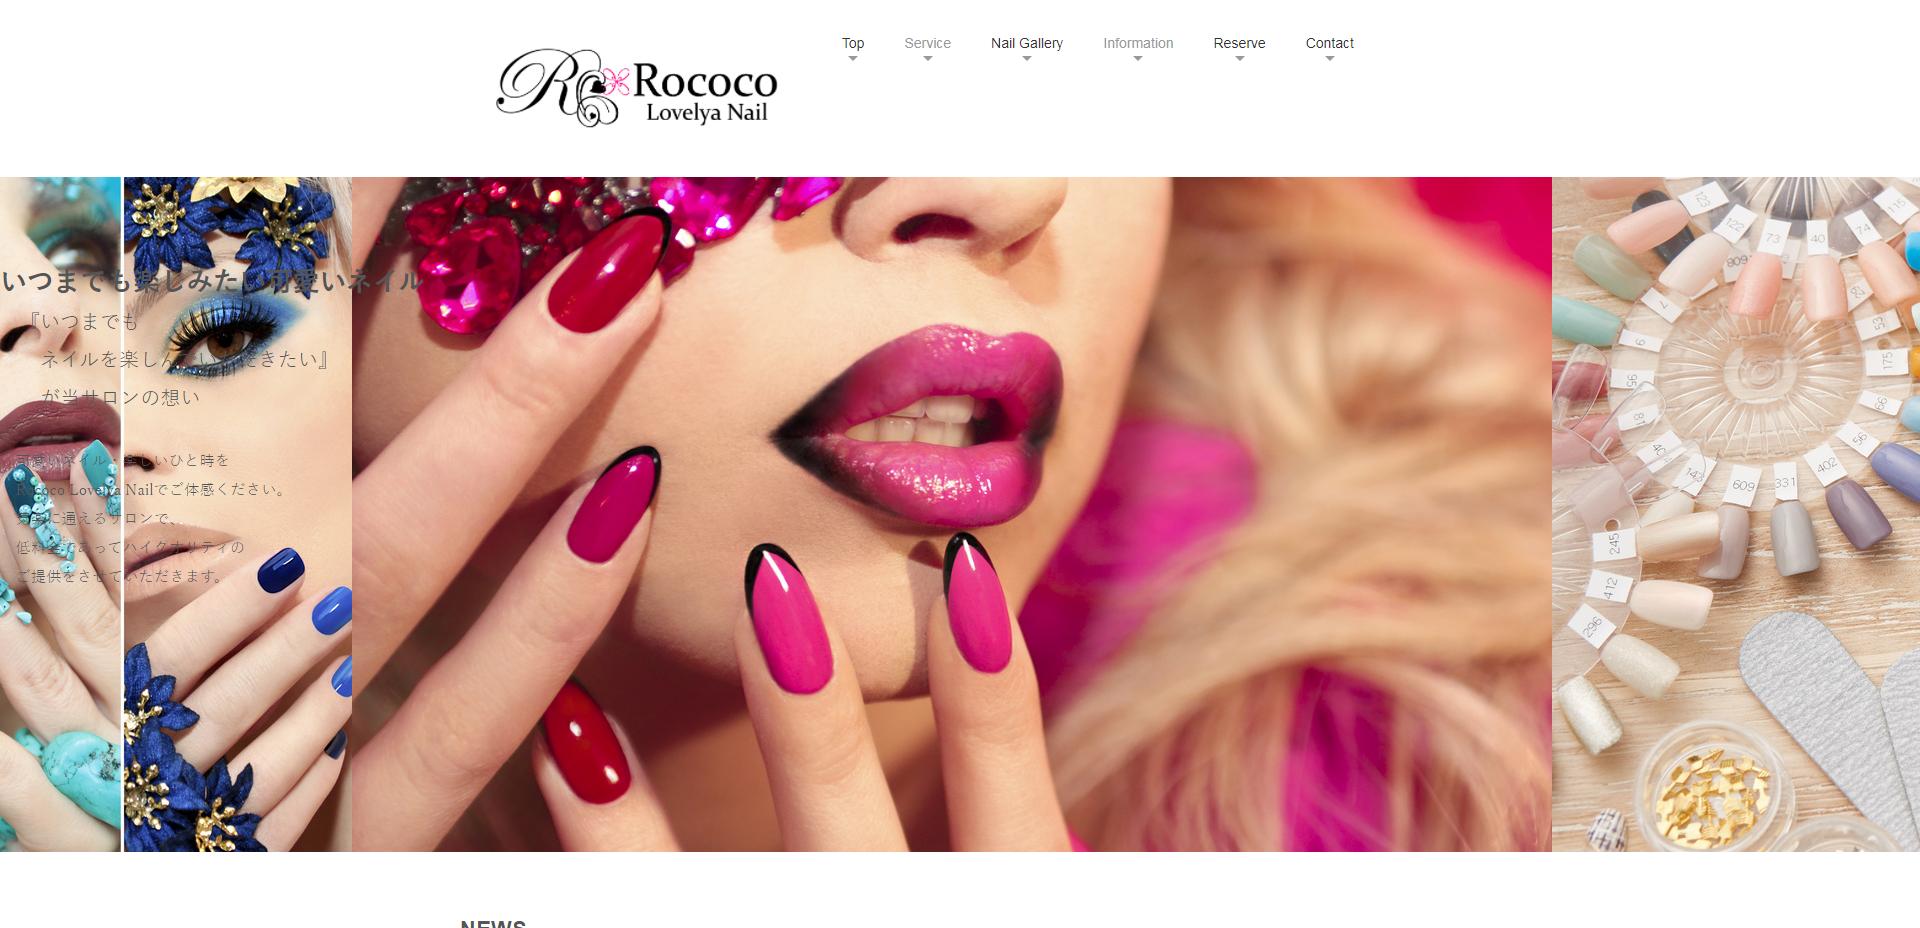 Rococo Lovelya Nail